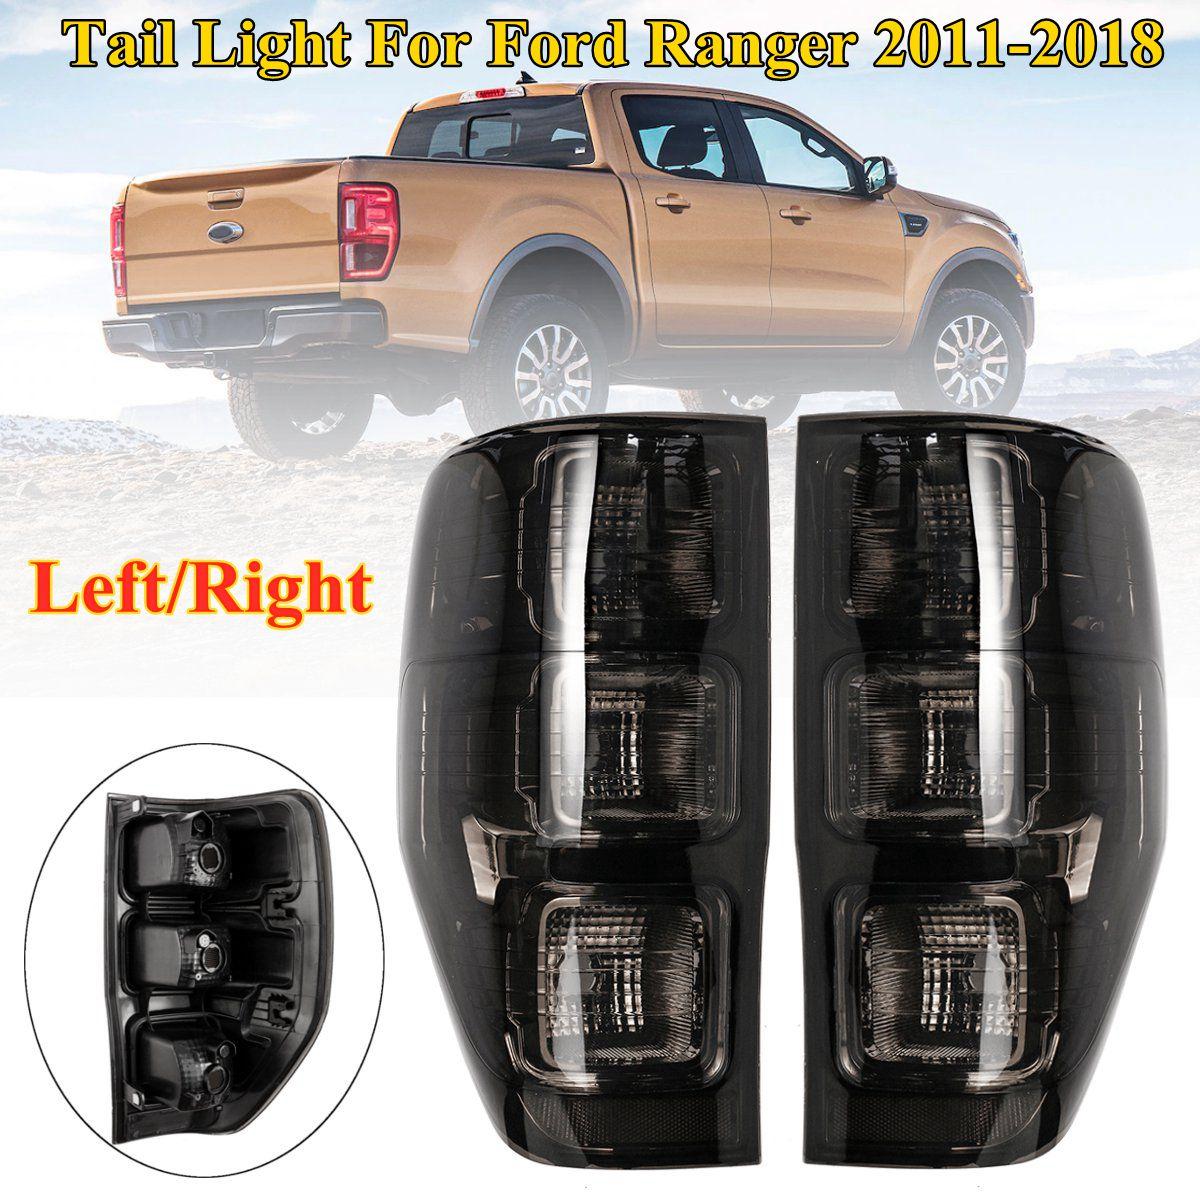 Feu arrière feu arrière lampe de frein pour Ford Ranger PX T6 MK1 MK2 WildTrak XLT XL XLS 2011 2012 2013 2014 2015 2016 2017 2018